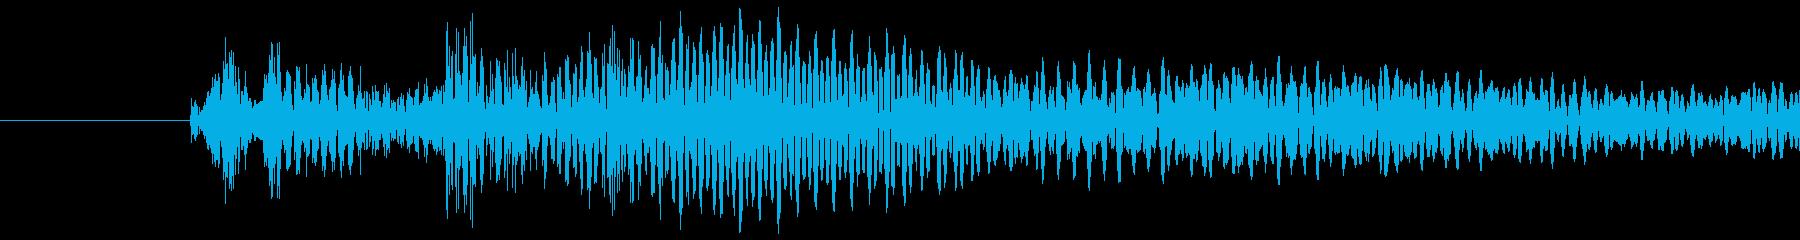 ピュイッ(キャンセル・決定音)の再生済みの波形